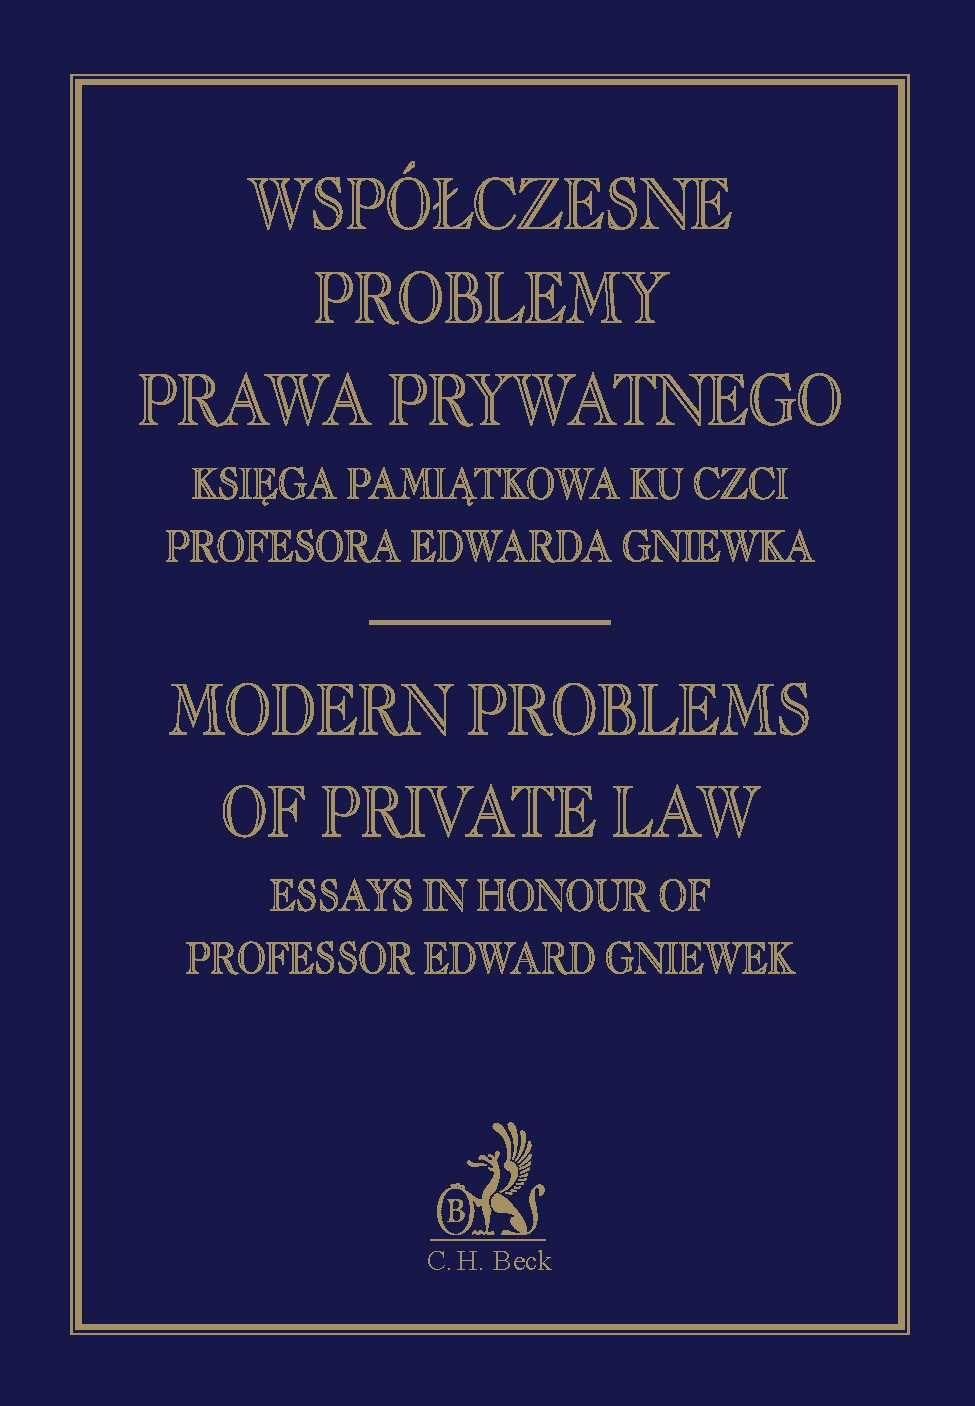 Współczesne problemy prawa prywatnego Księga Pamiątkowa Profesora Edwarda Gniewka - Ebook (Książka PDF) do pobrania w formacie PDF